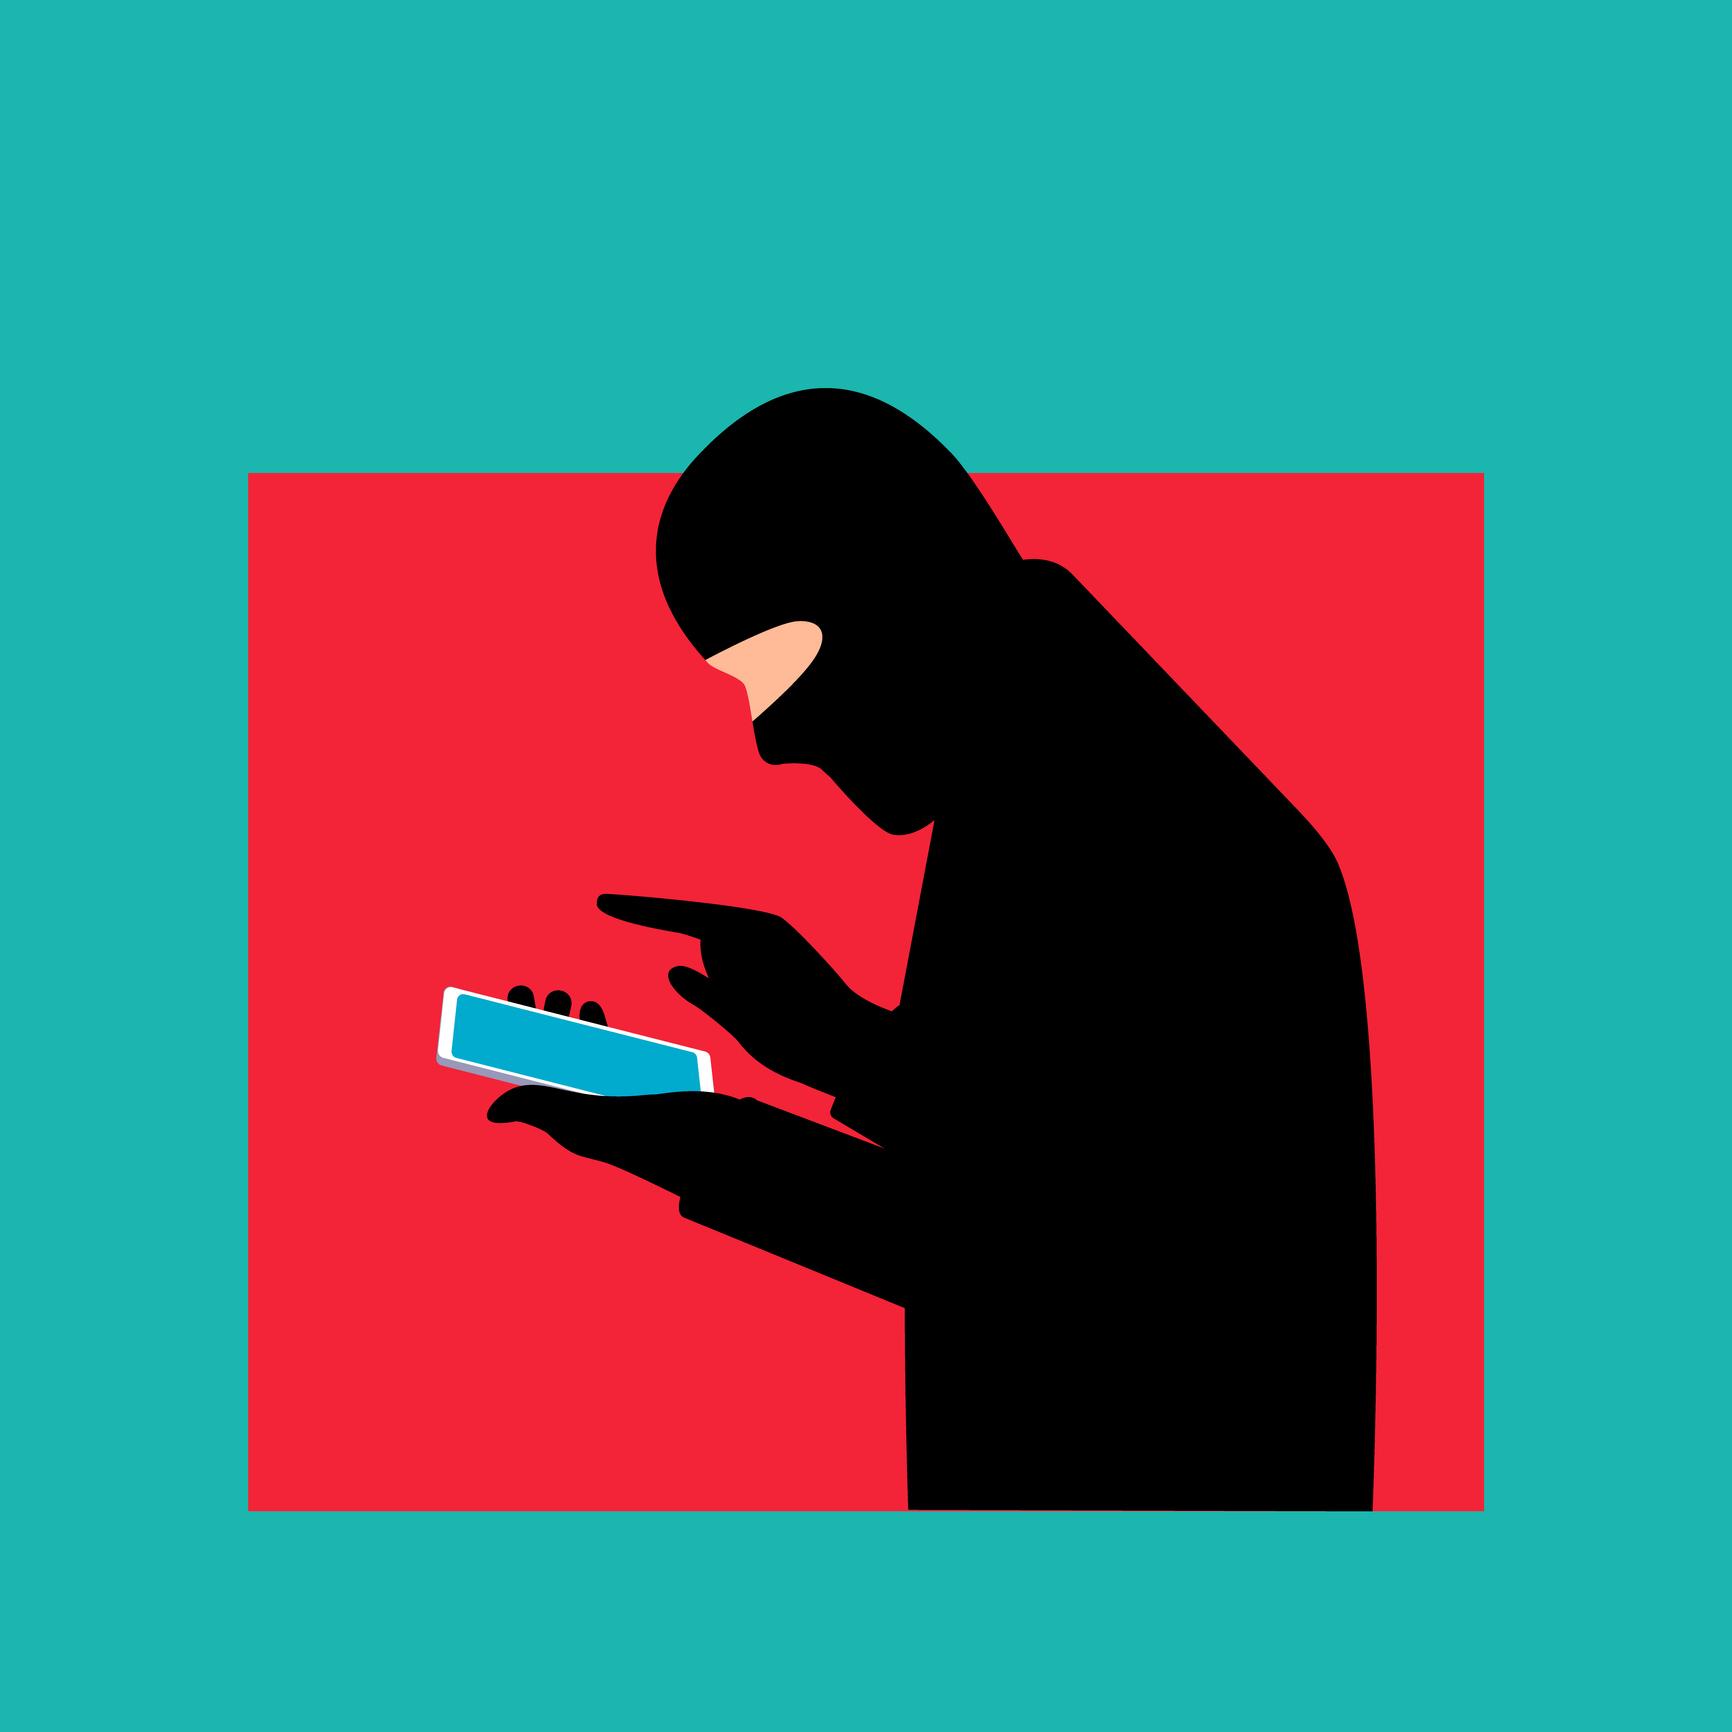 Întâlniri la distanță: Cum ne protejează aceste aplicații datele personale?